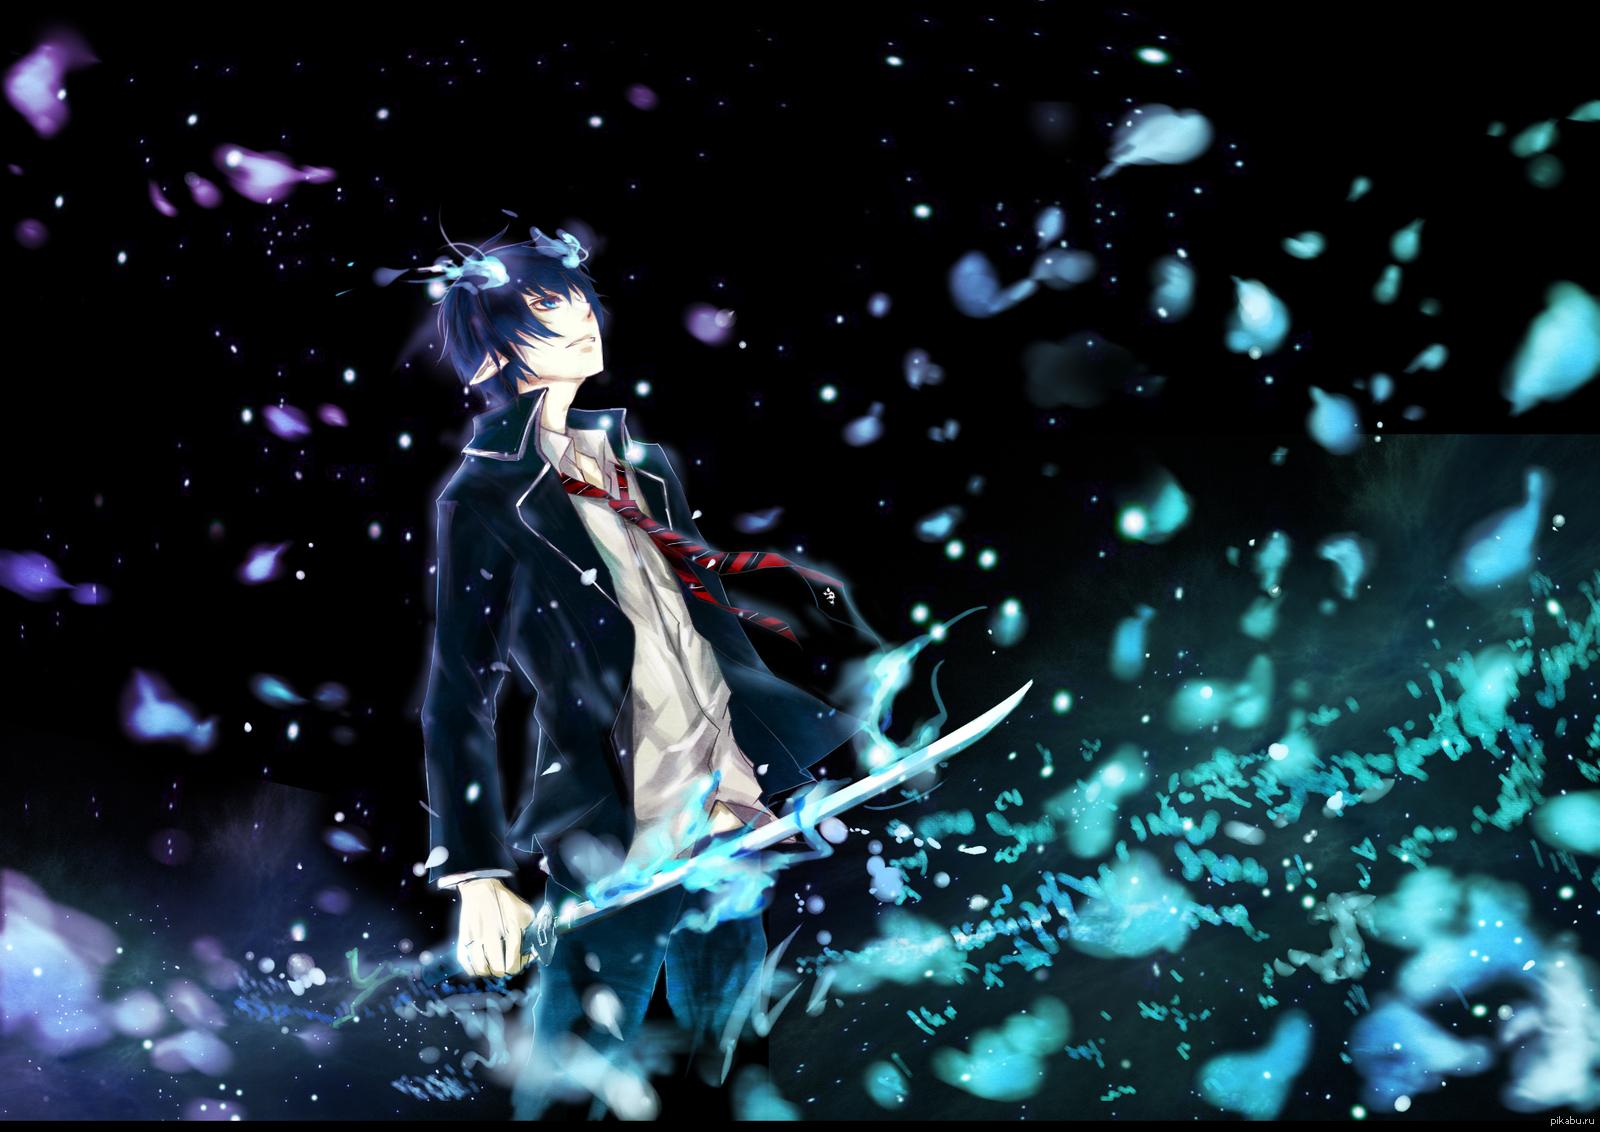 Blue Exorcist 青の 祓魔師 エクソシスト Ao no Ekusoshisuto connu également sous le nom Ao no Exorcist est un shōnen manga écrit et